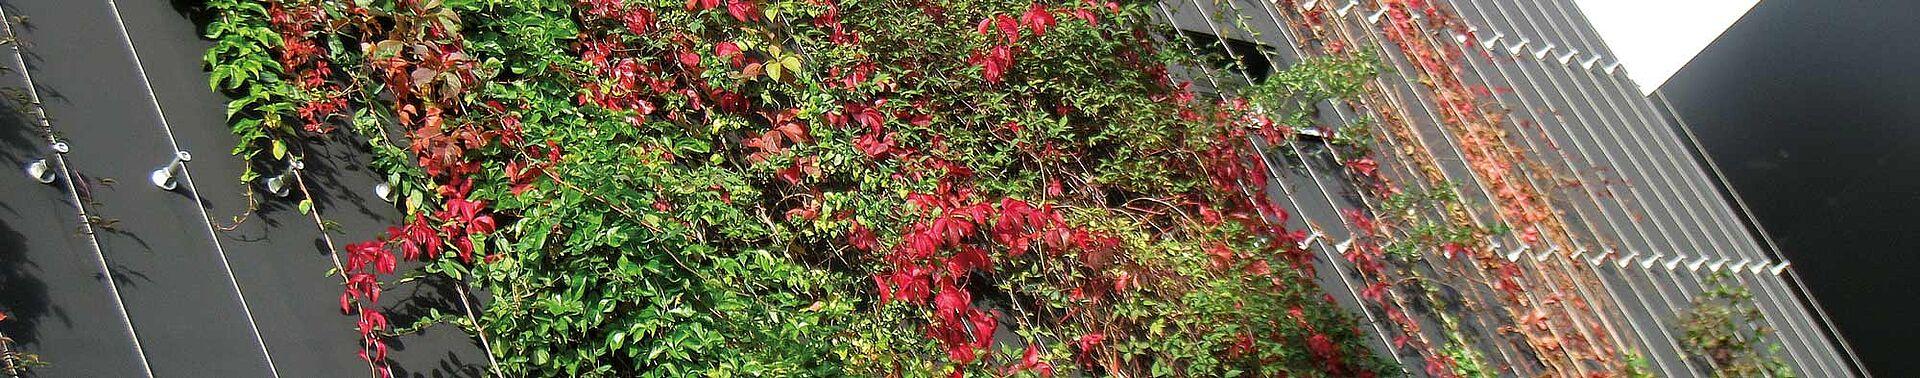 Végétalisation mur extérieur